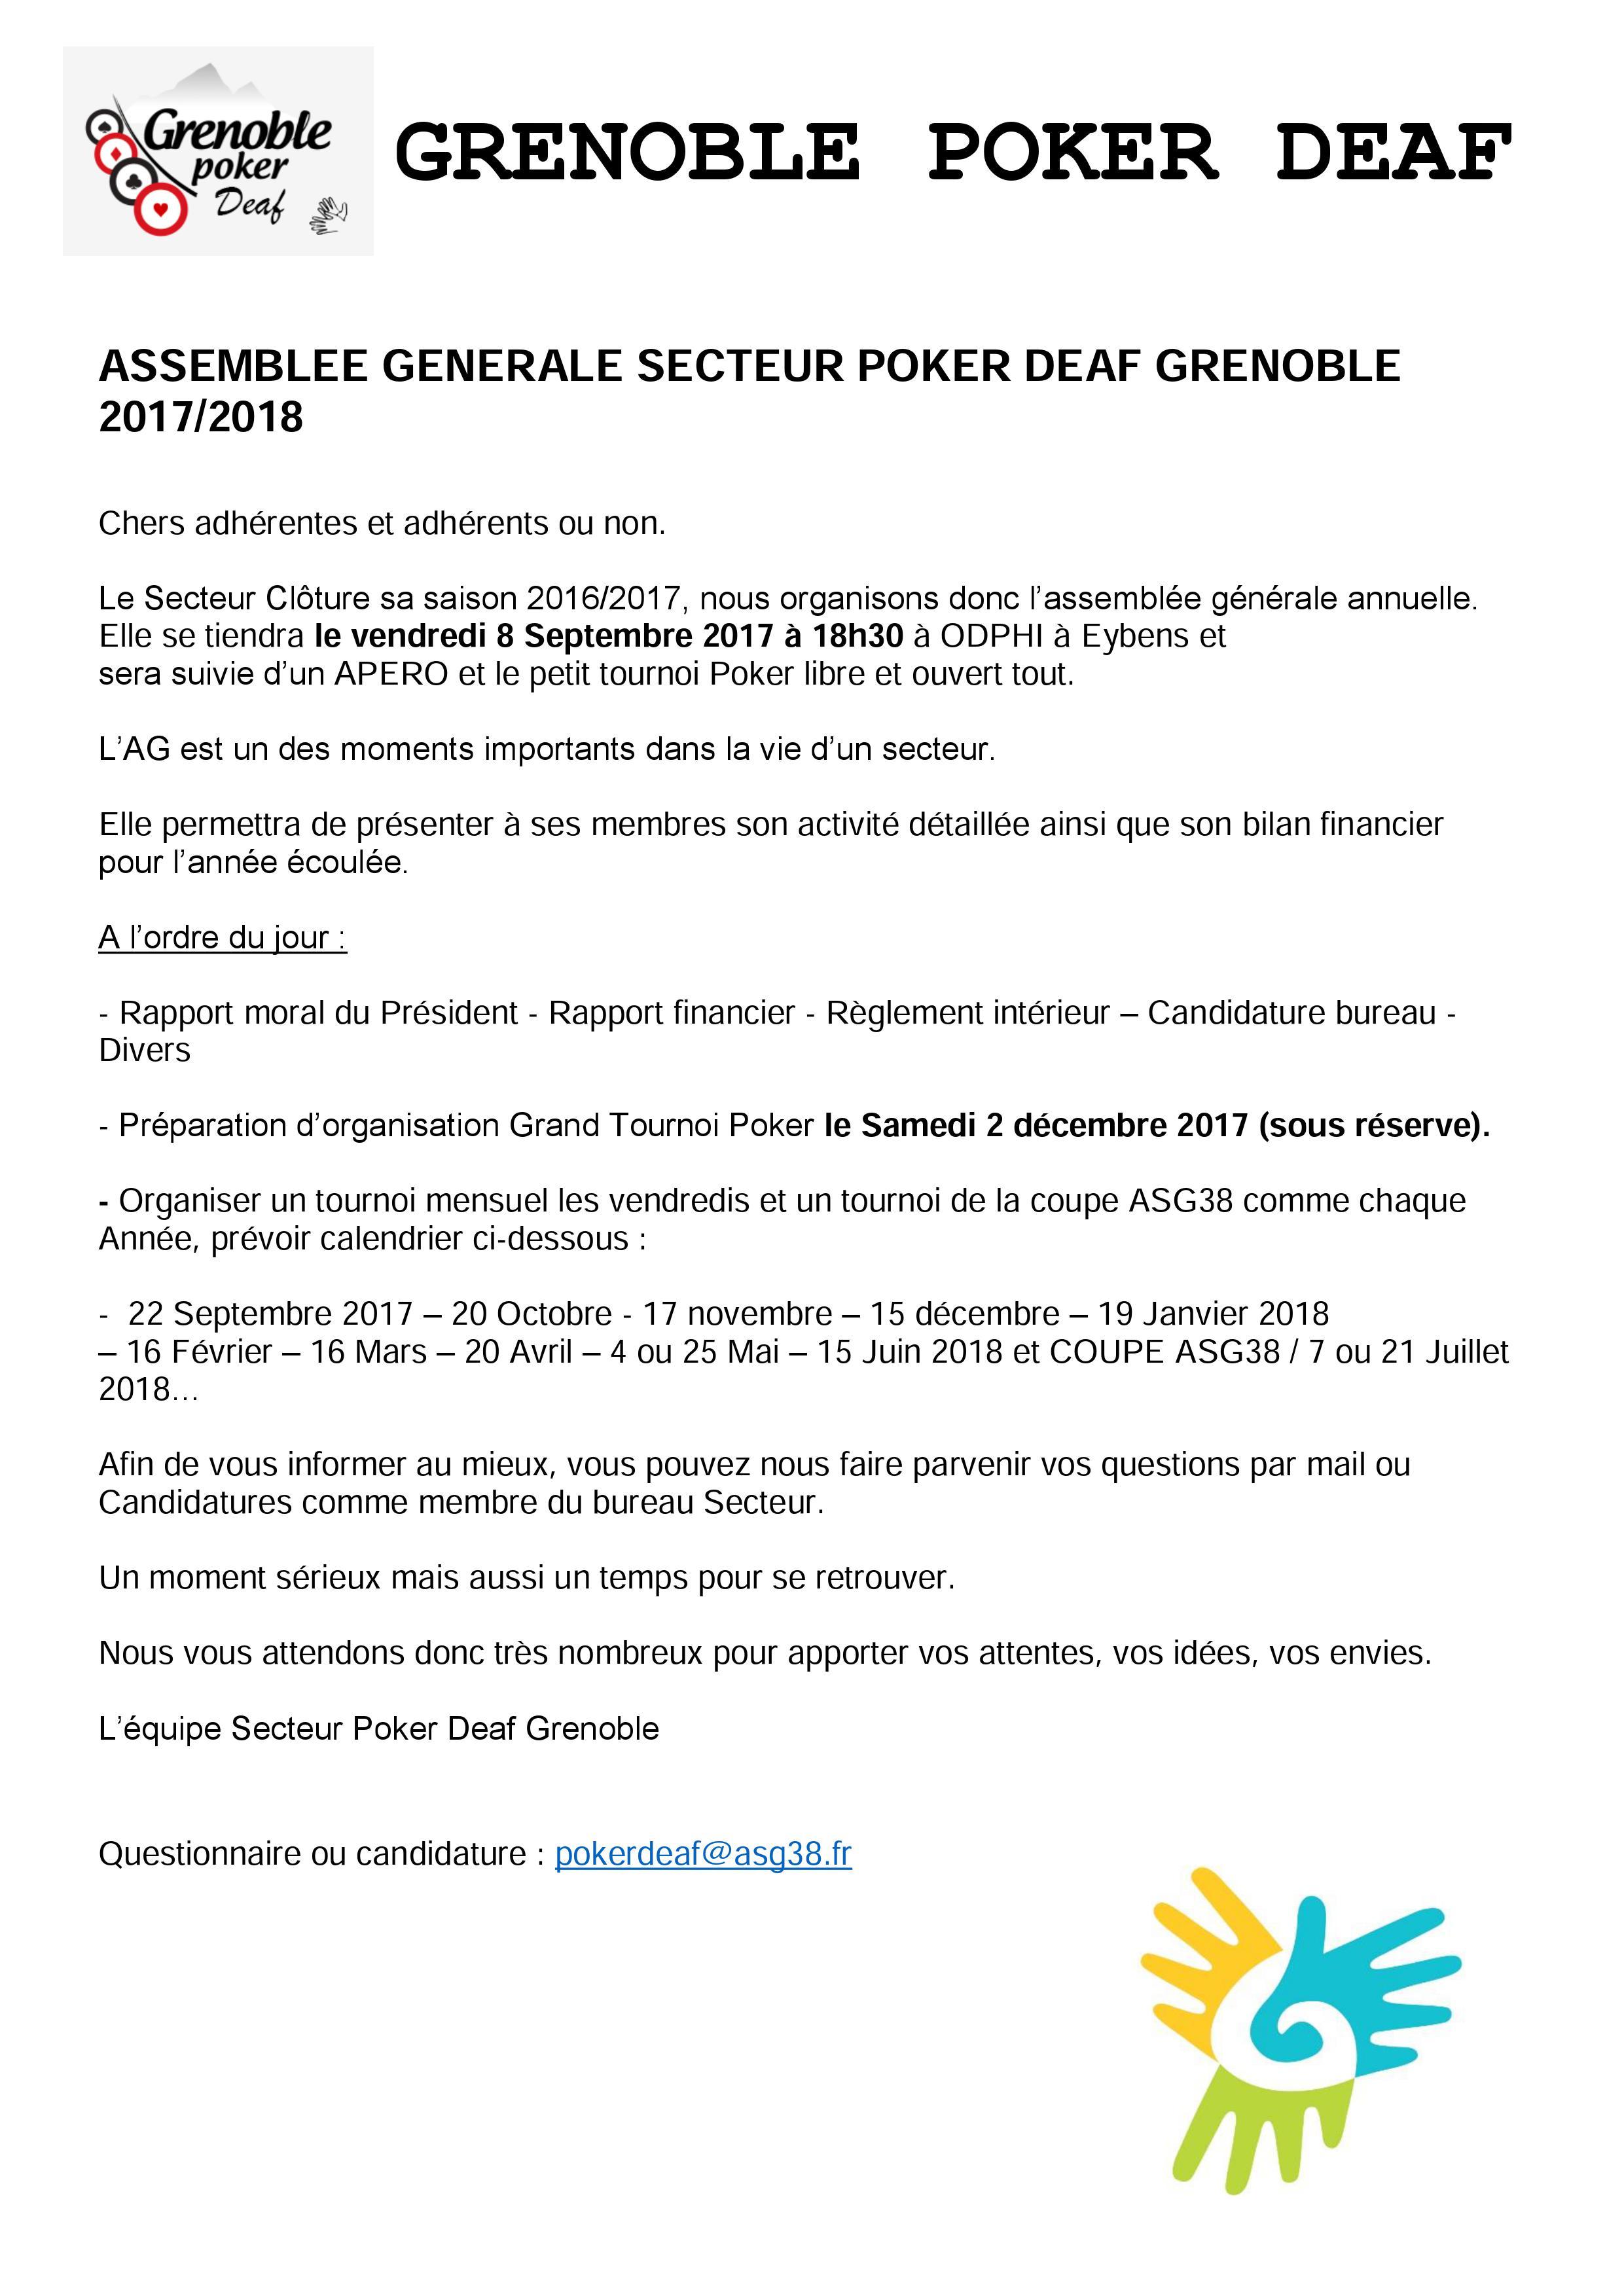 AG Grenoble Poker Deaf